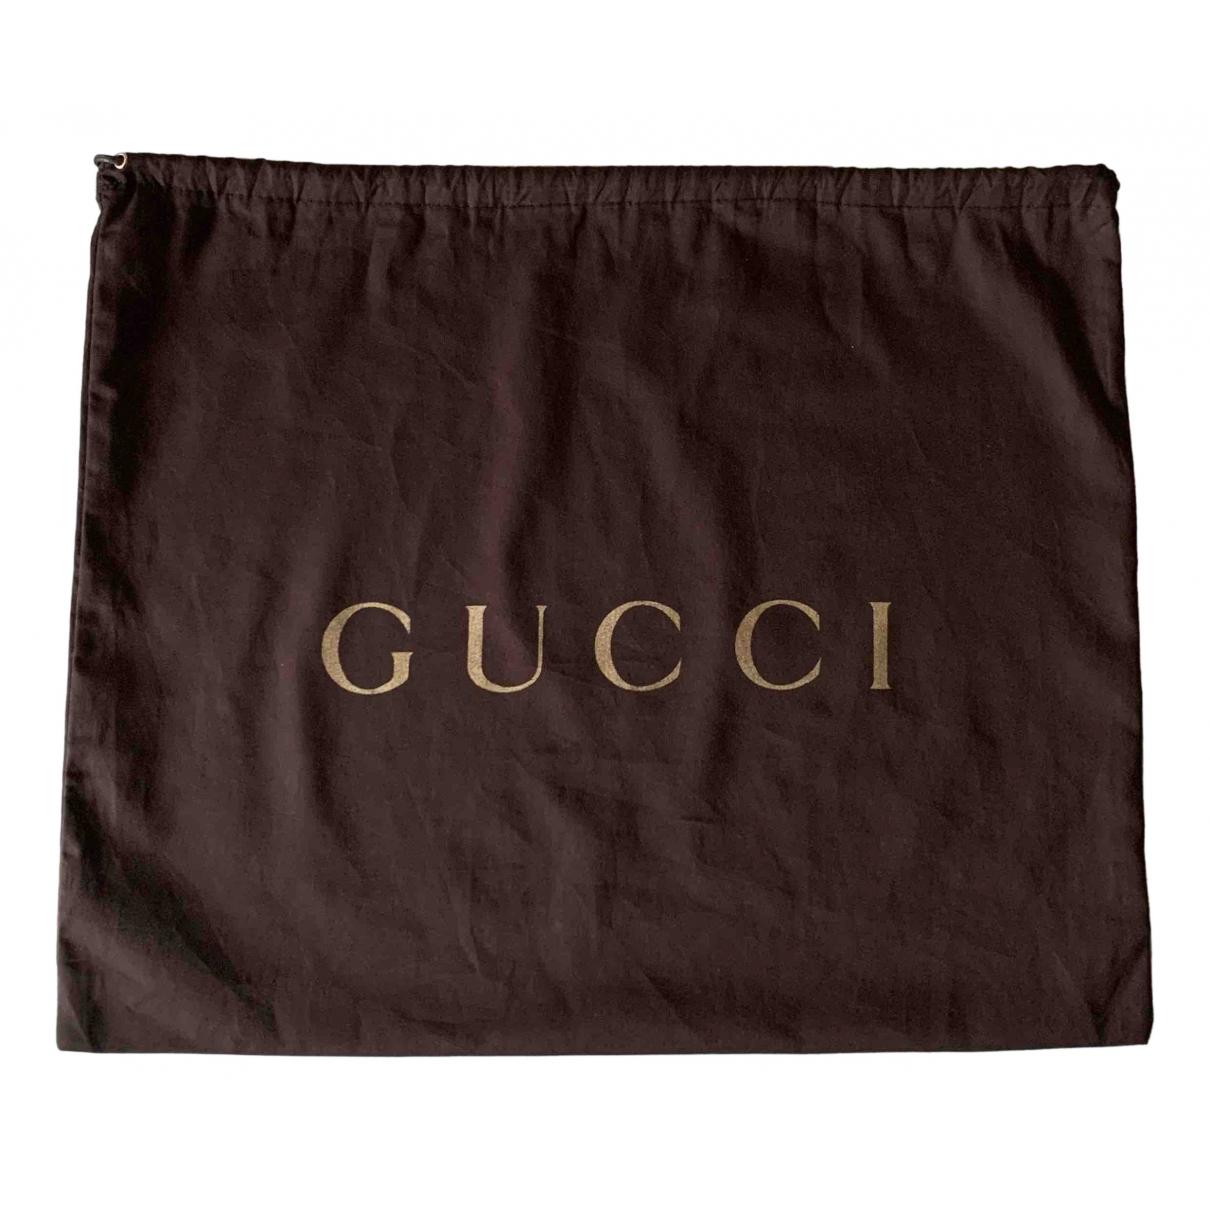 Gucci - Objets & Deco   pour lifestyle en toile - marron